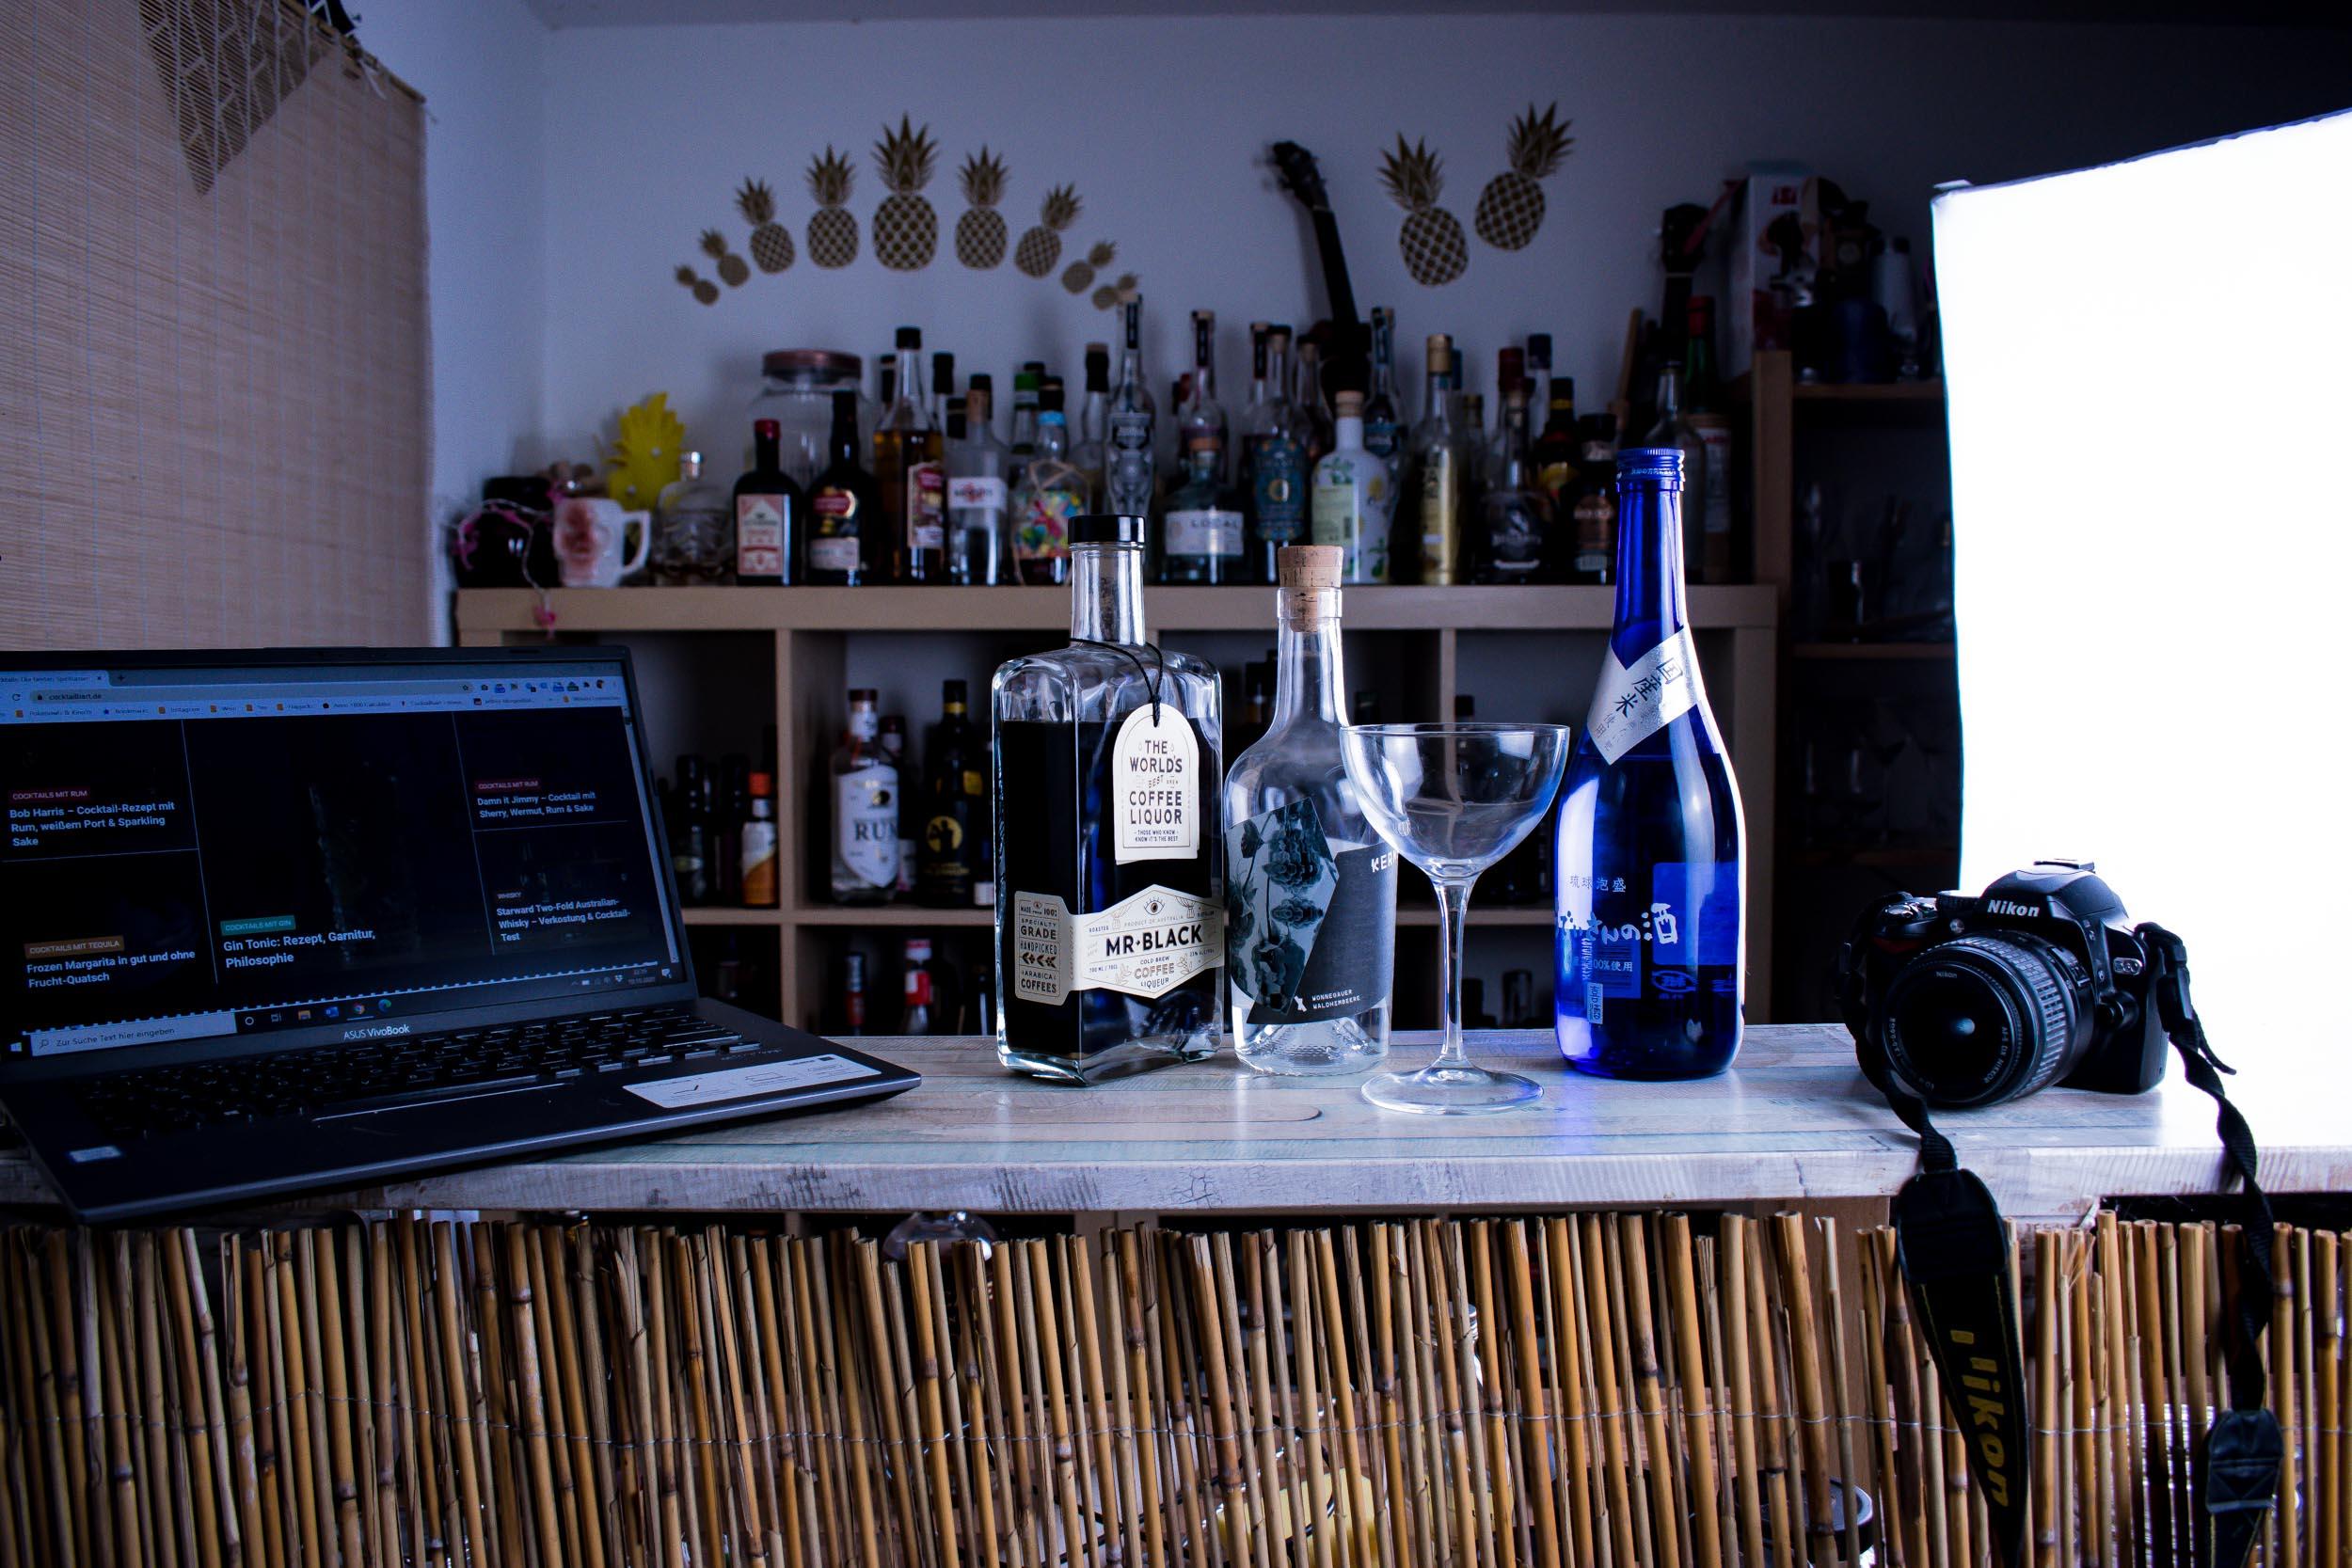 Bar, Schnaps, Laptop, Kamera - mehr brauchst du nicht für deinen eigenen Spirituosen-Blog. Und sogar die Bar ist optional.